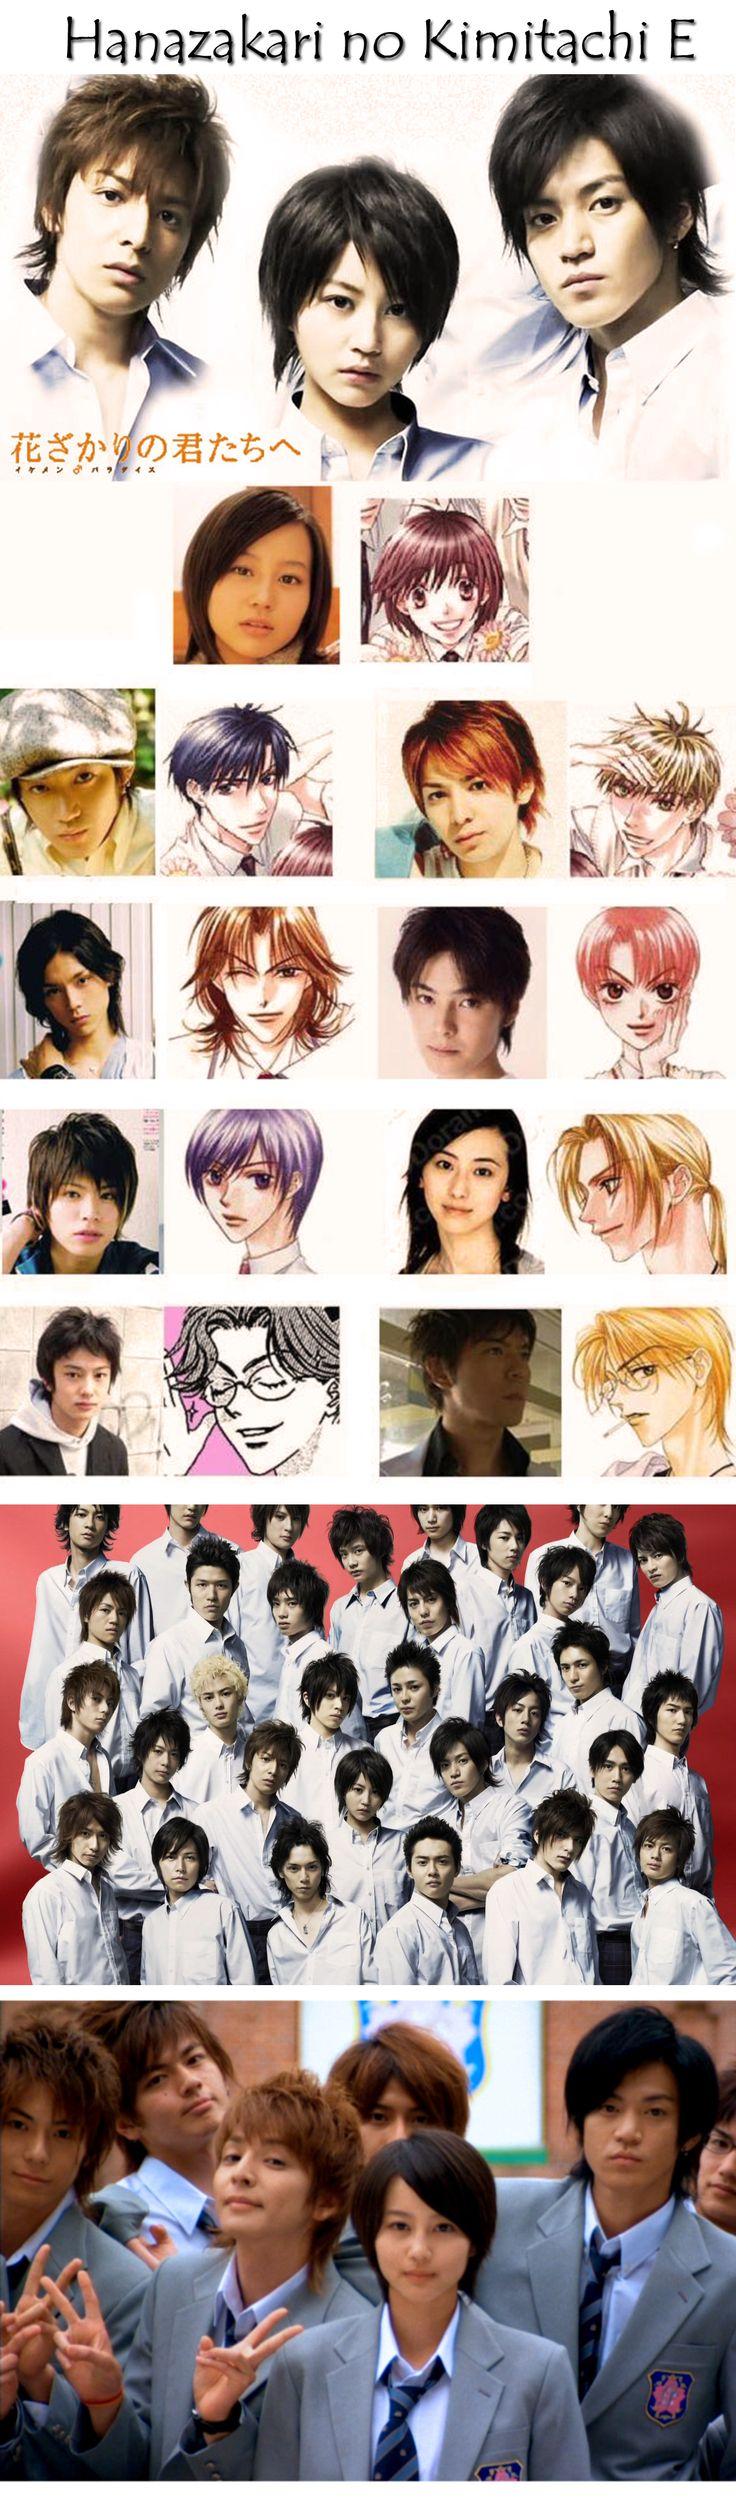 """Maki Horikita, Shun Oguri, Toma Ikuta, Hiro Mizushima, Masaki Okada, Yusuke Yamamoto, Junpei Mizobata, Yu Shirota, Ryohei Suzuki, Mirei Kiritani. J drama """"Hanazakari no kimitachi e - Ikemen paradaisu -(Hana-Kimi / For You in Full Blossom)"""", 2007. Plot:http://asianwiki.com/Hana-Kimi Ep.1-13 & SP: http://www.drama.net/hana-kimi-episode-1 [Eng. sub]"""